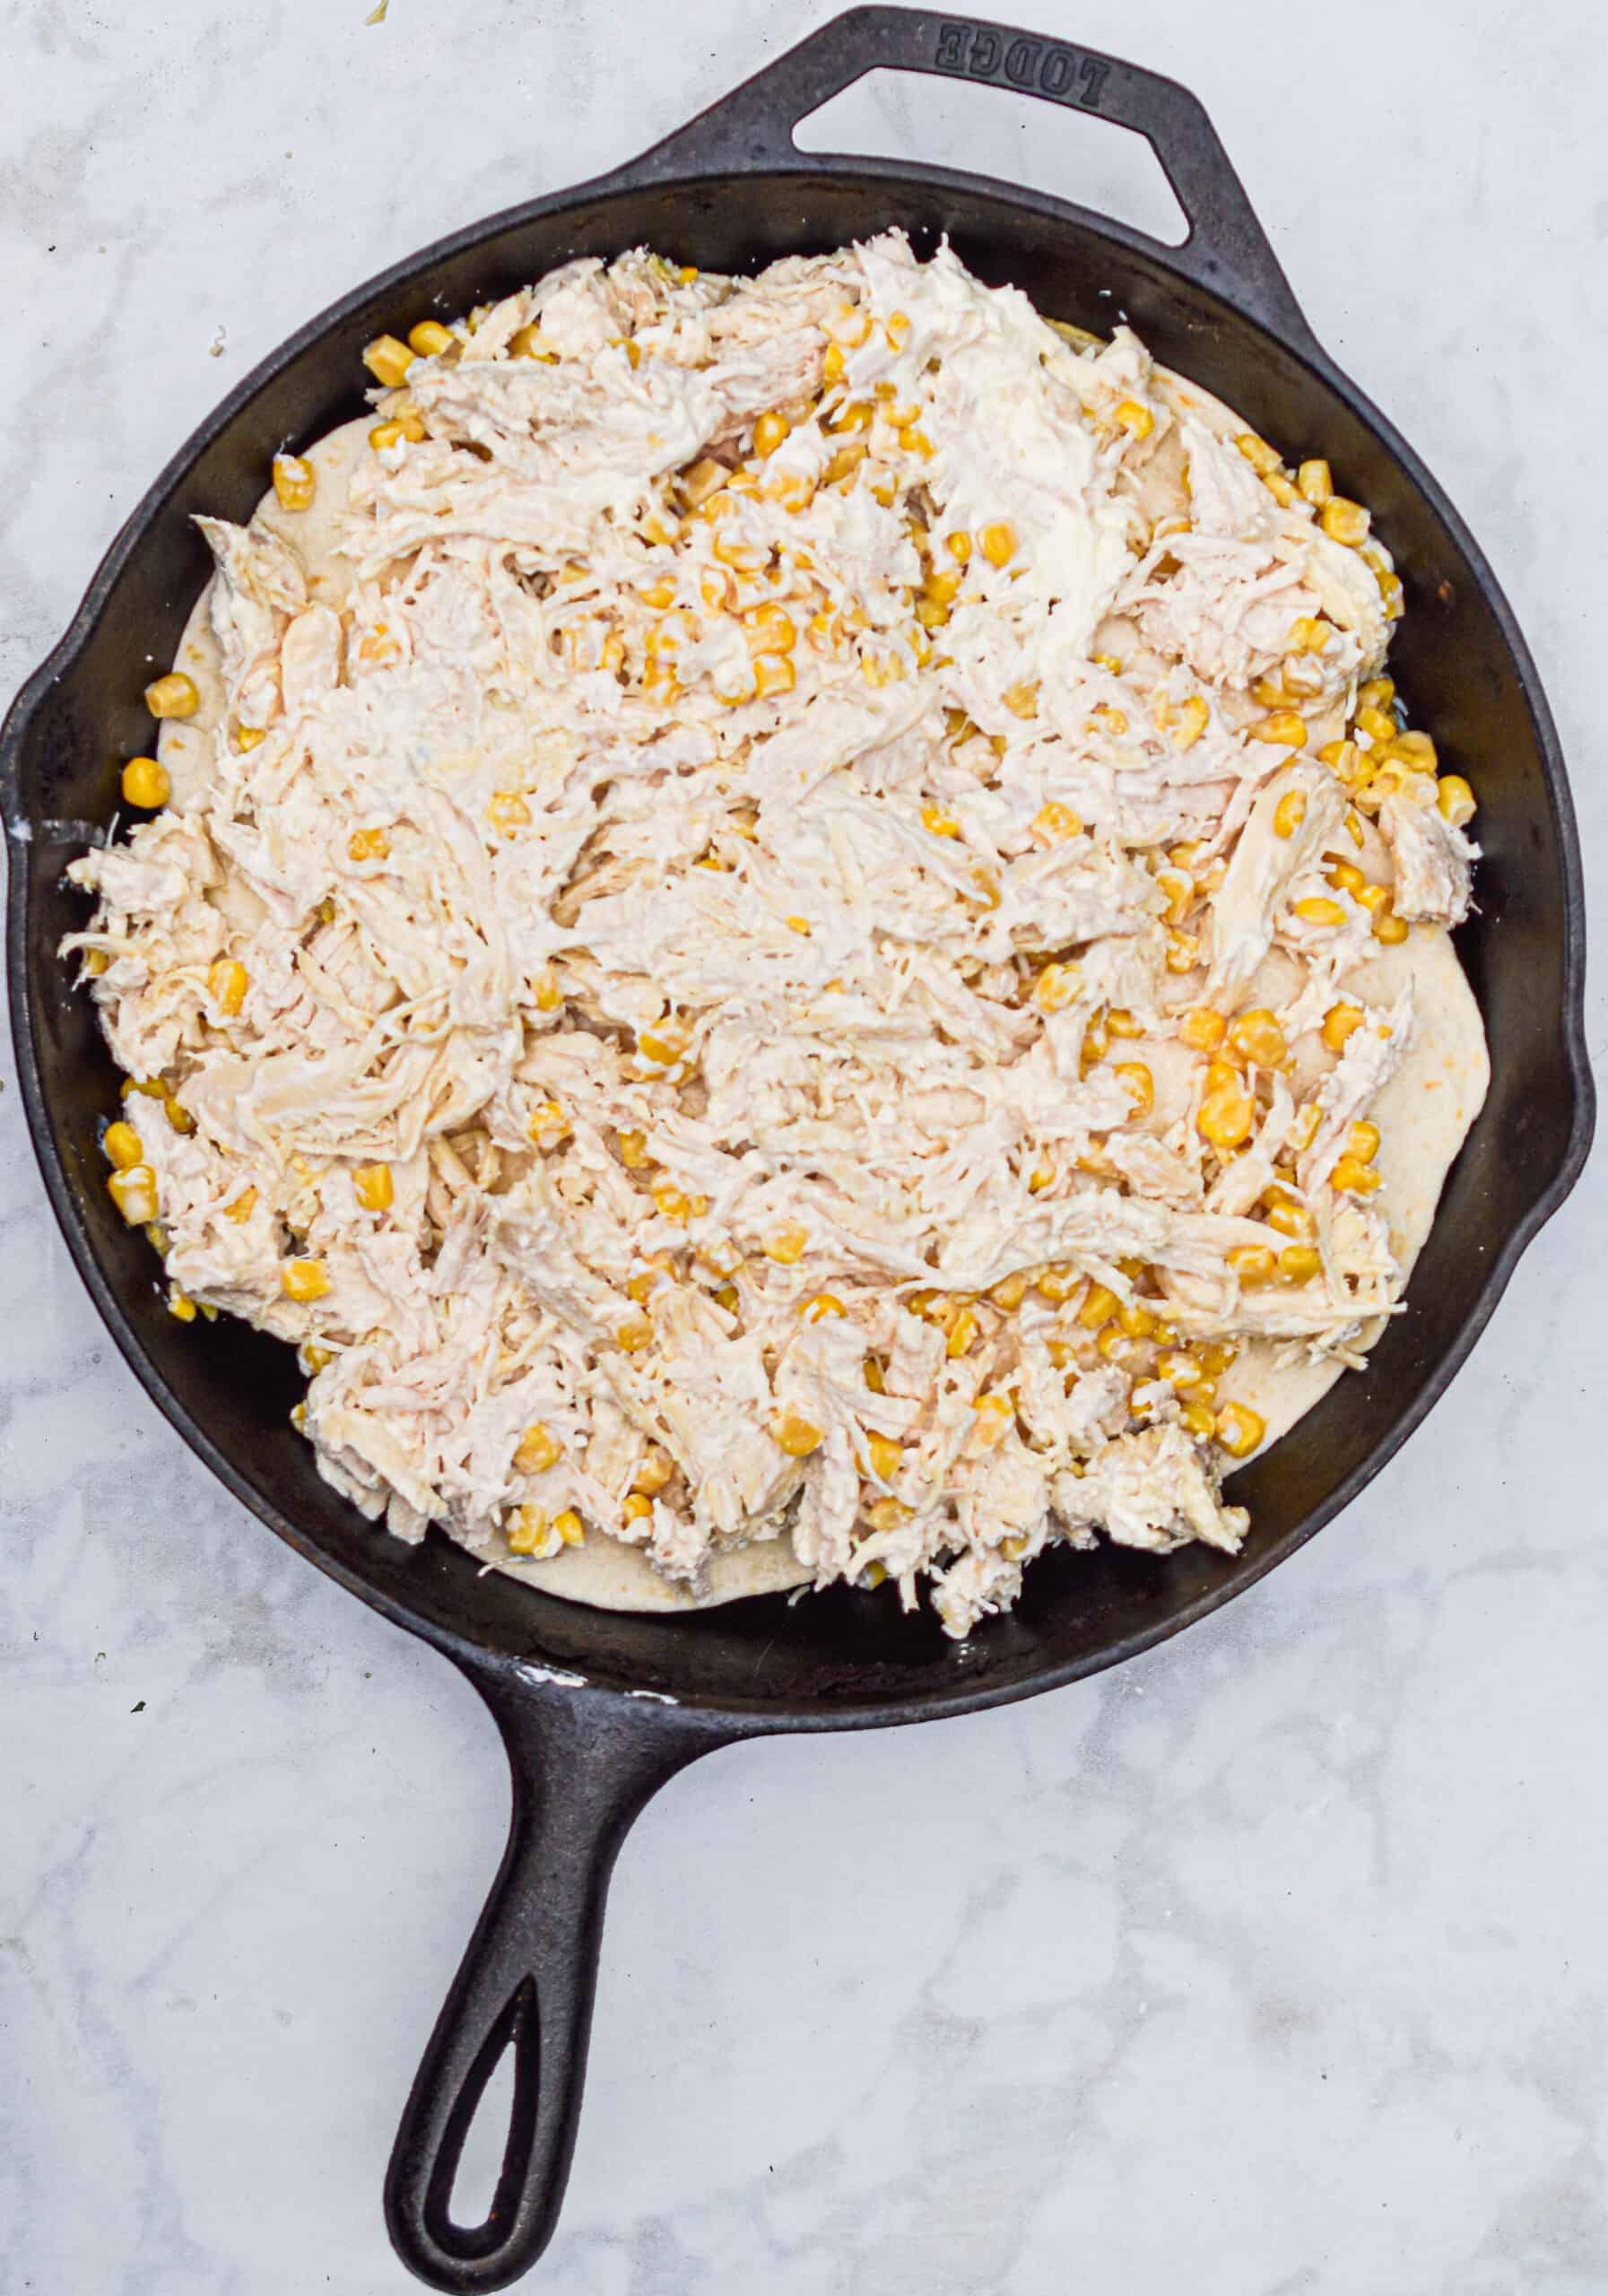 Add chicken and corn mixture